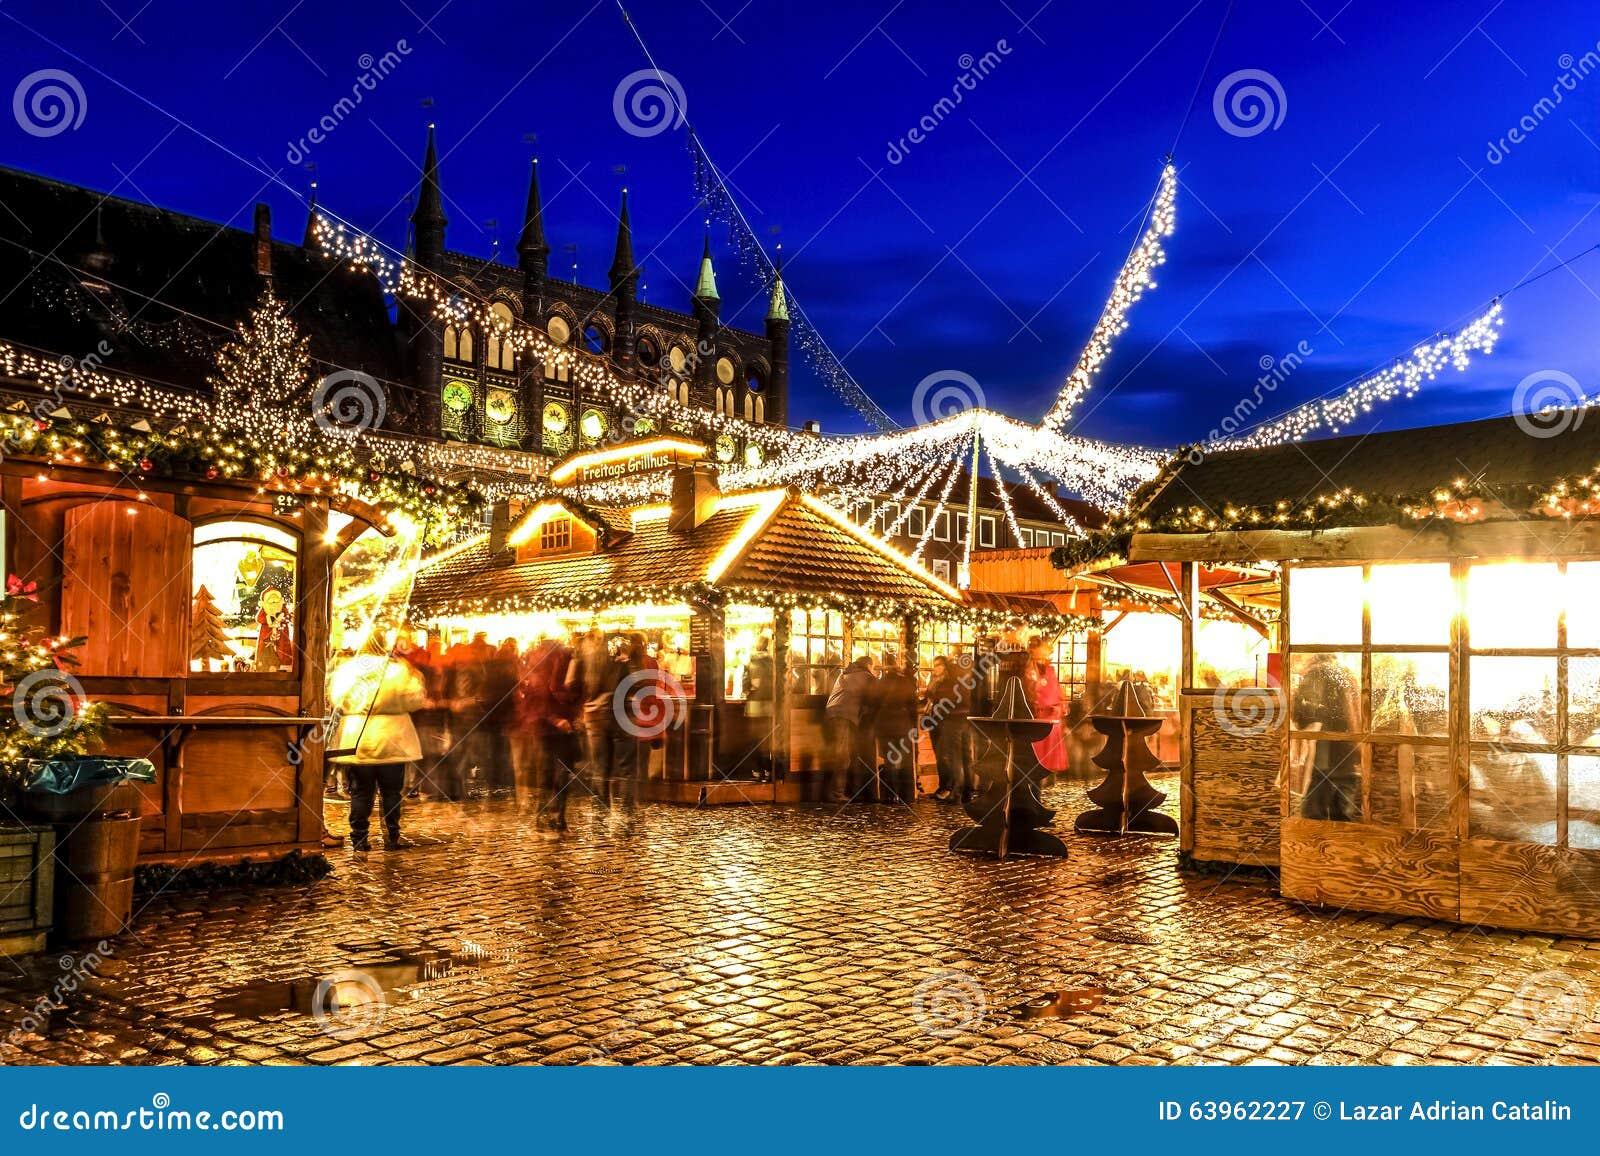 Chioschi Con Alimento Tradizionale Nel Mercato Di Natale Luebeck Germania